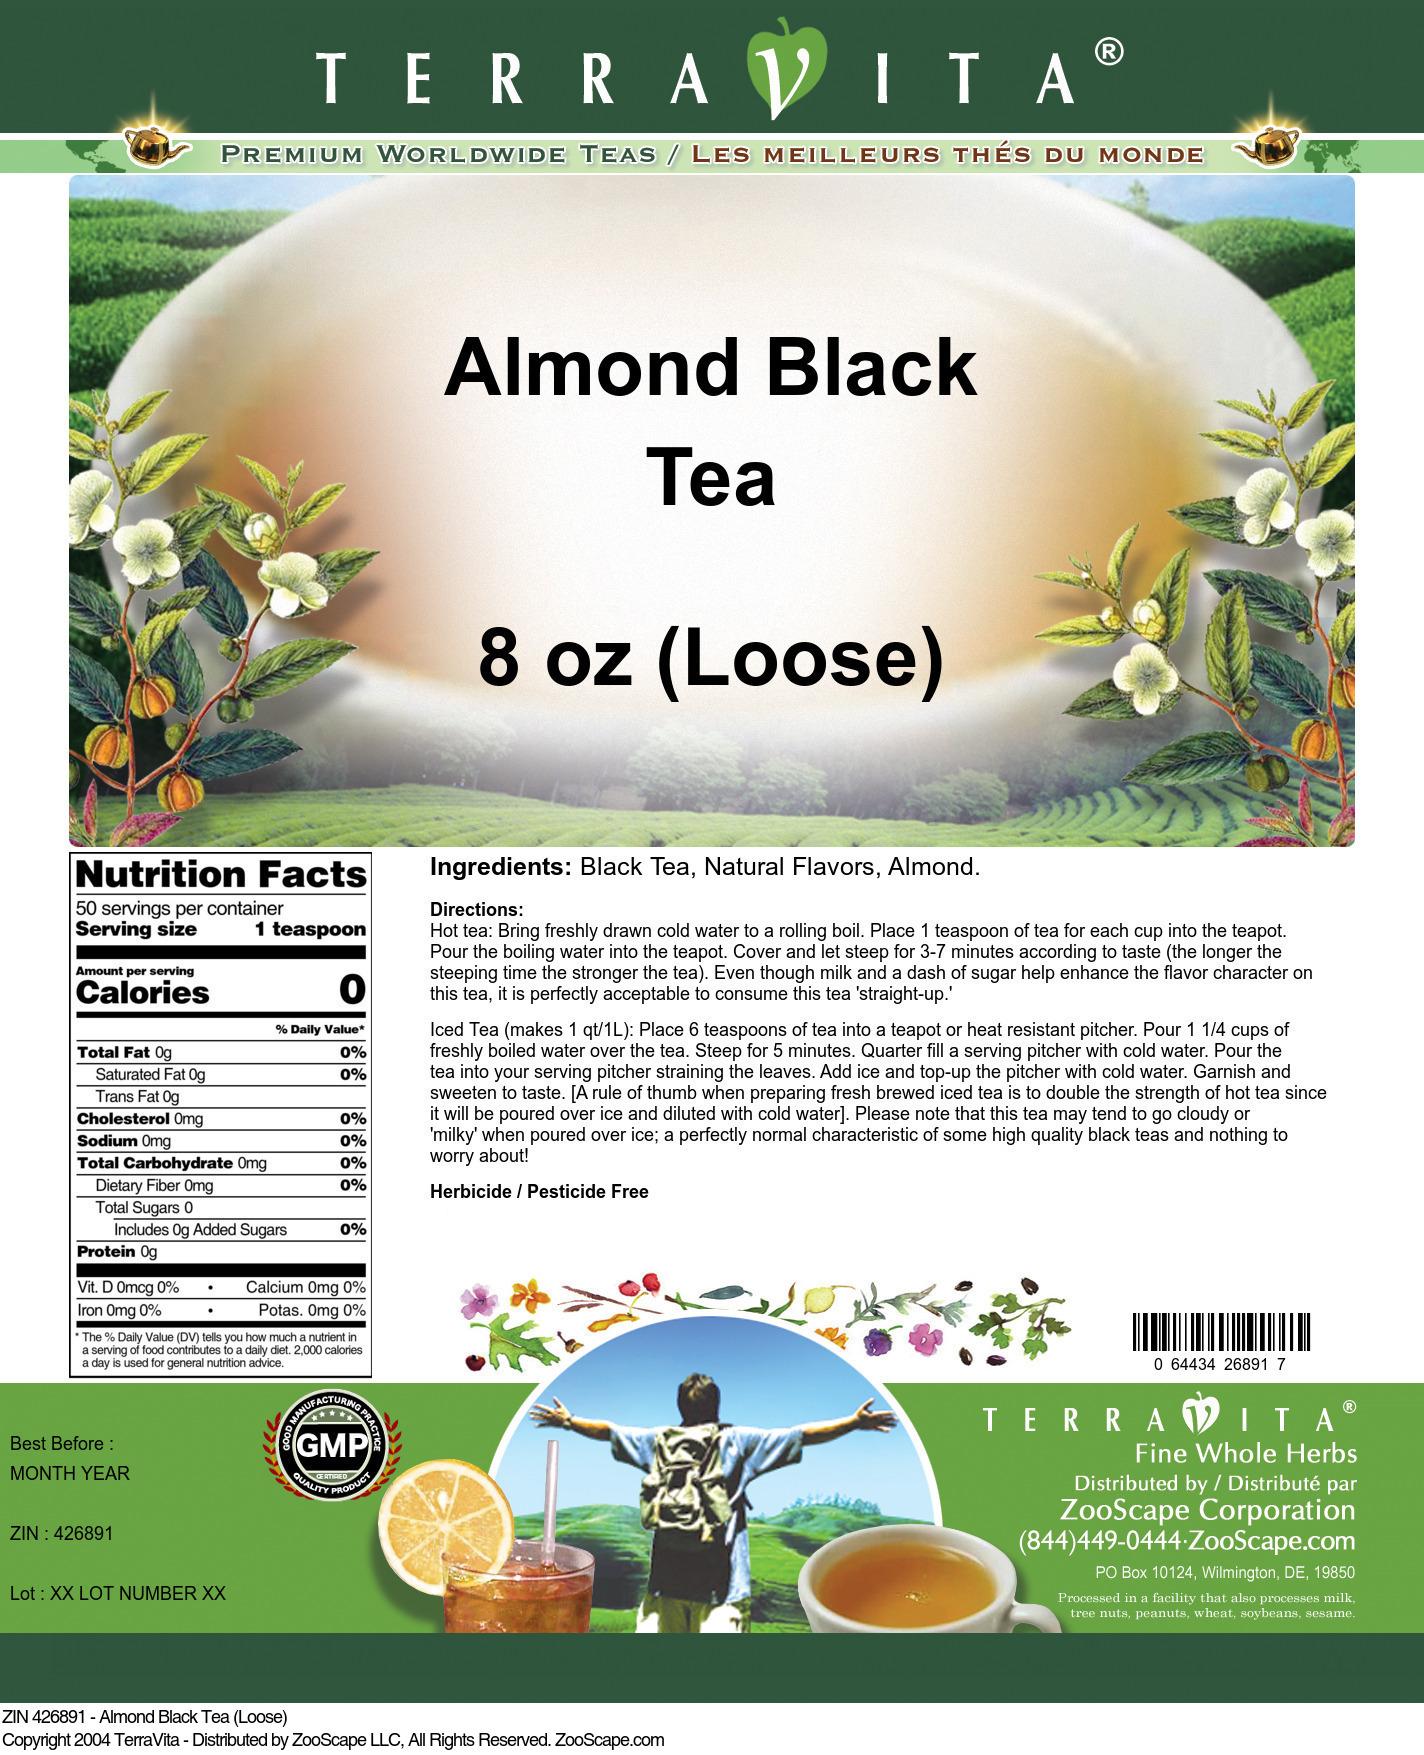 Almond Black Tea